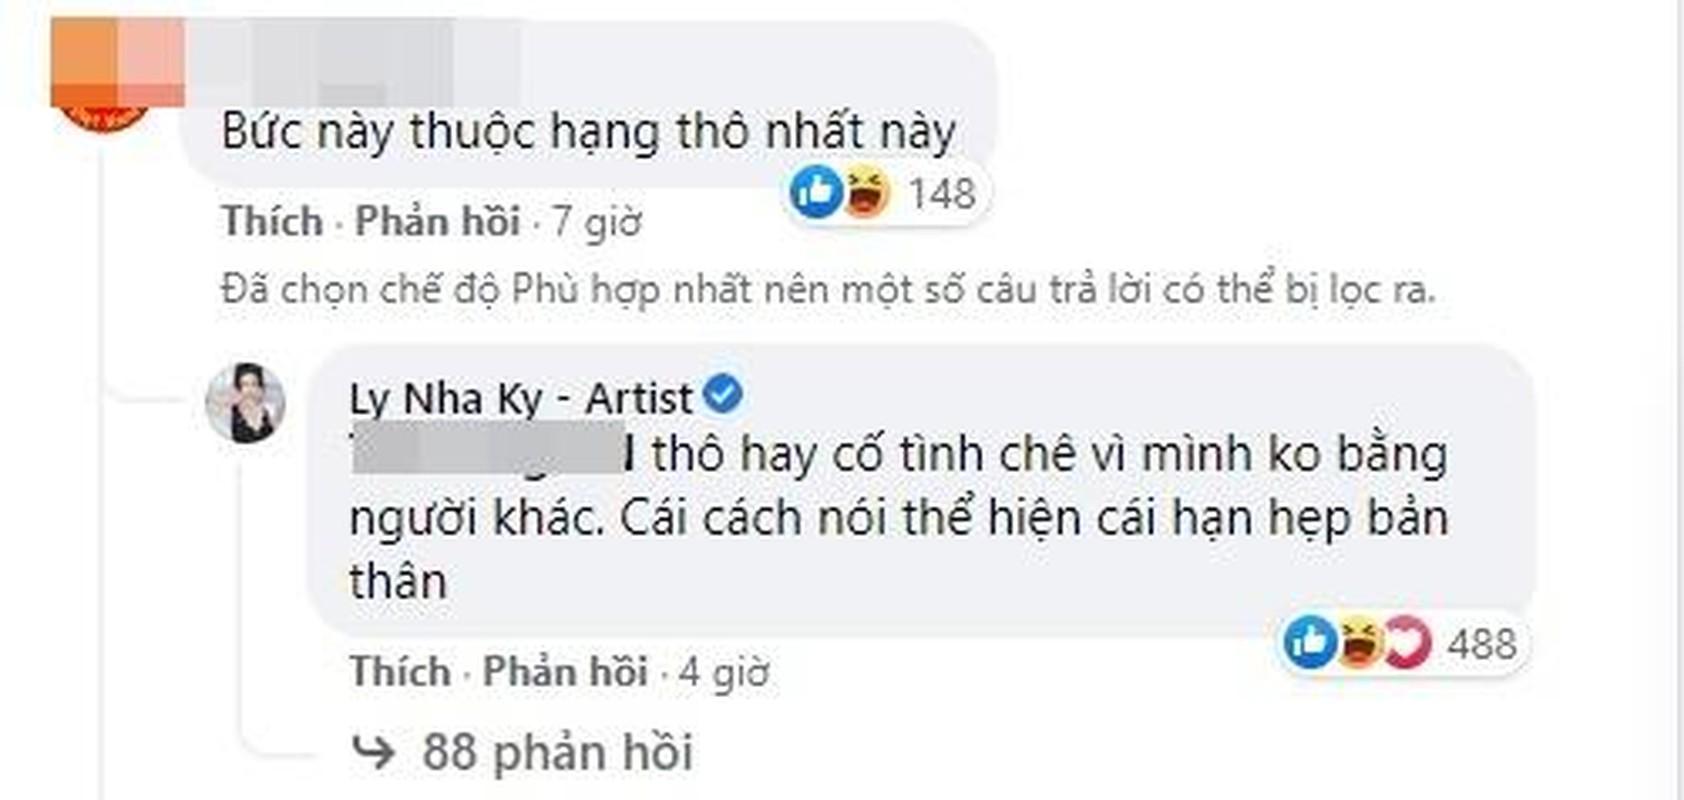 Ly Nha Ky dop chat khi khoe anh goi cam bi noi